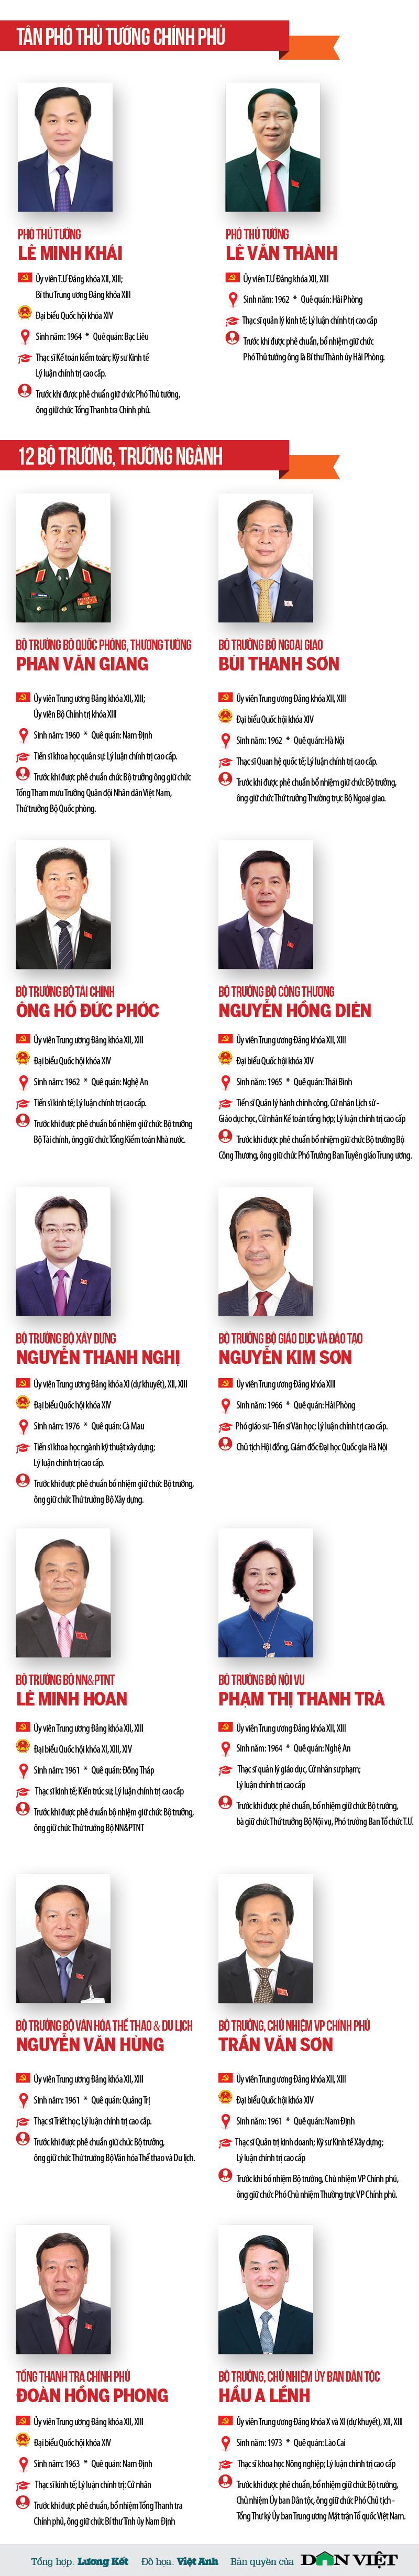 Chân dung 2 Phó Thủ tướng và 12 Bộ trưởng, Trưởng ngành vừa được Quốc hội phê chuẩn bổ nhiệm - hình ảnh 1